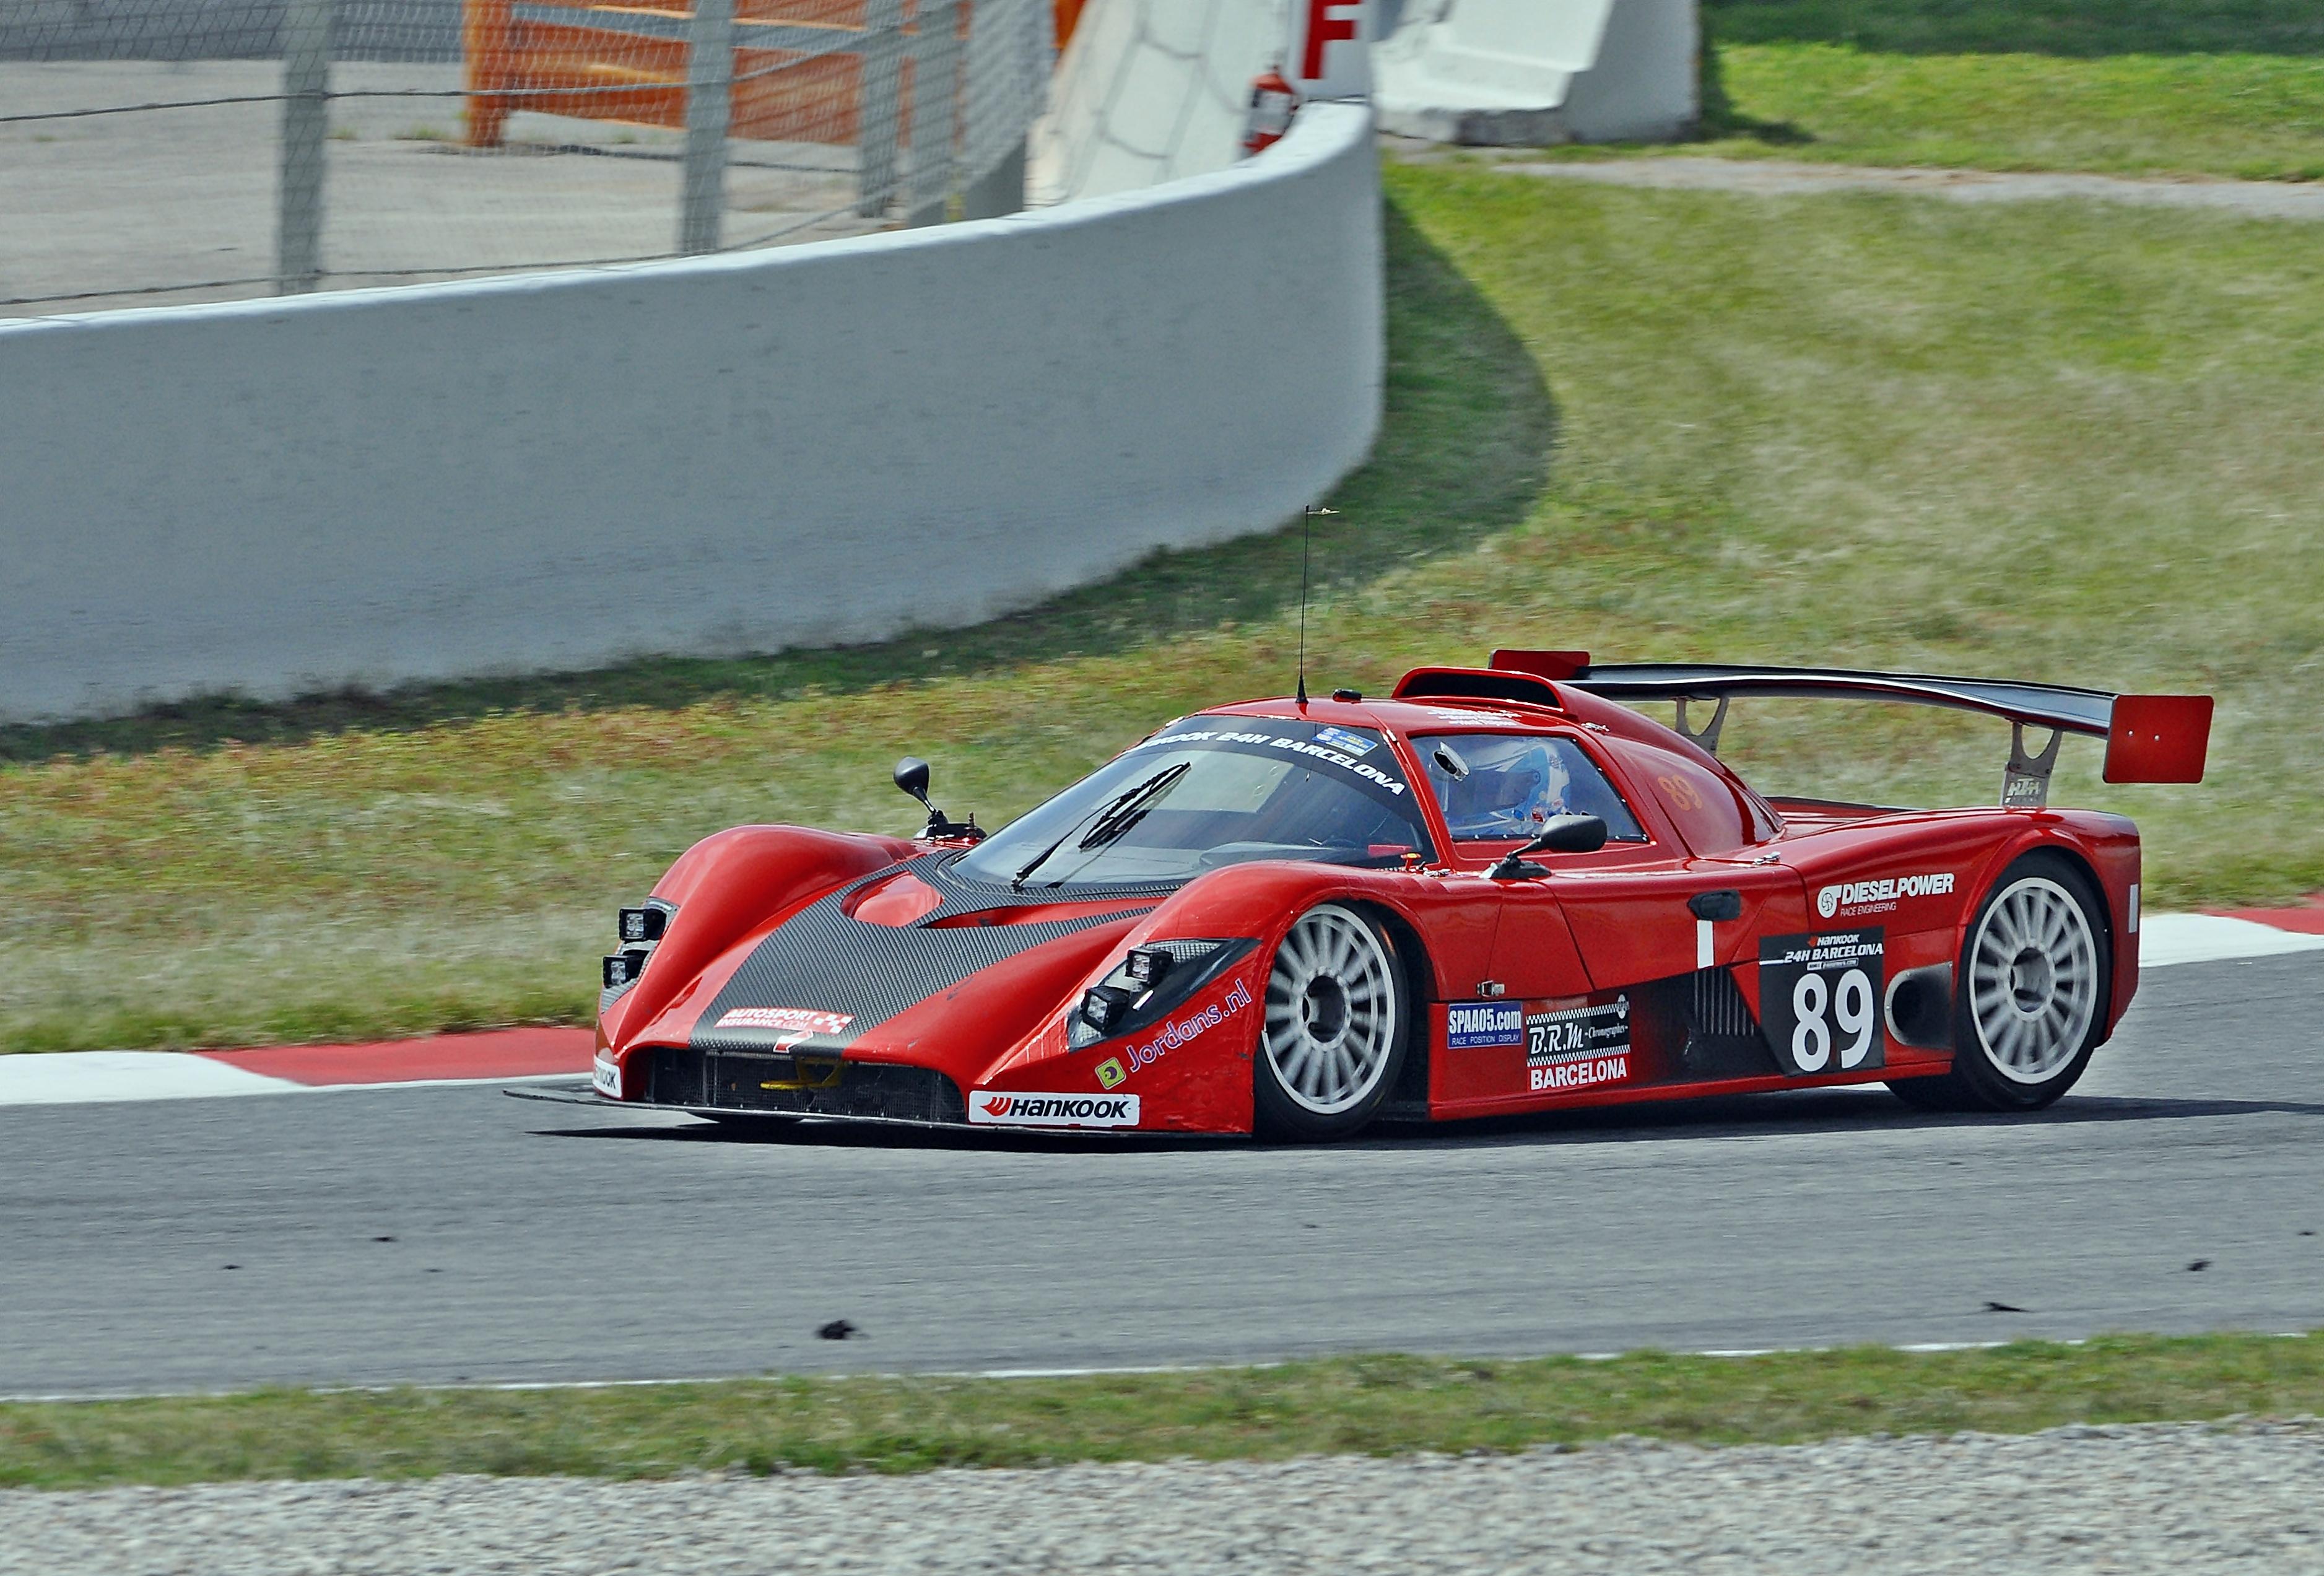 Saker Race Cars